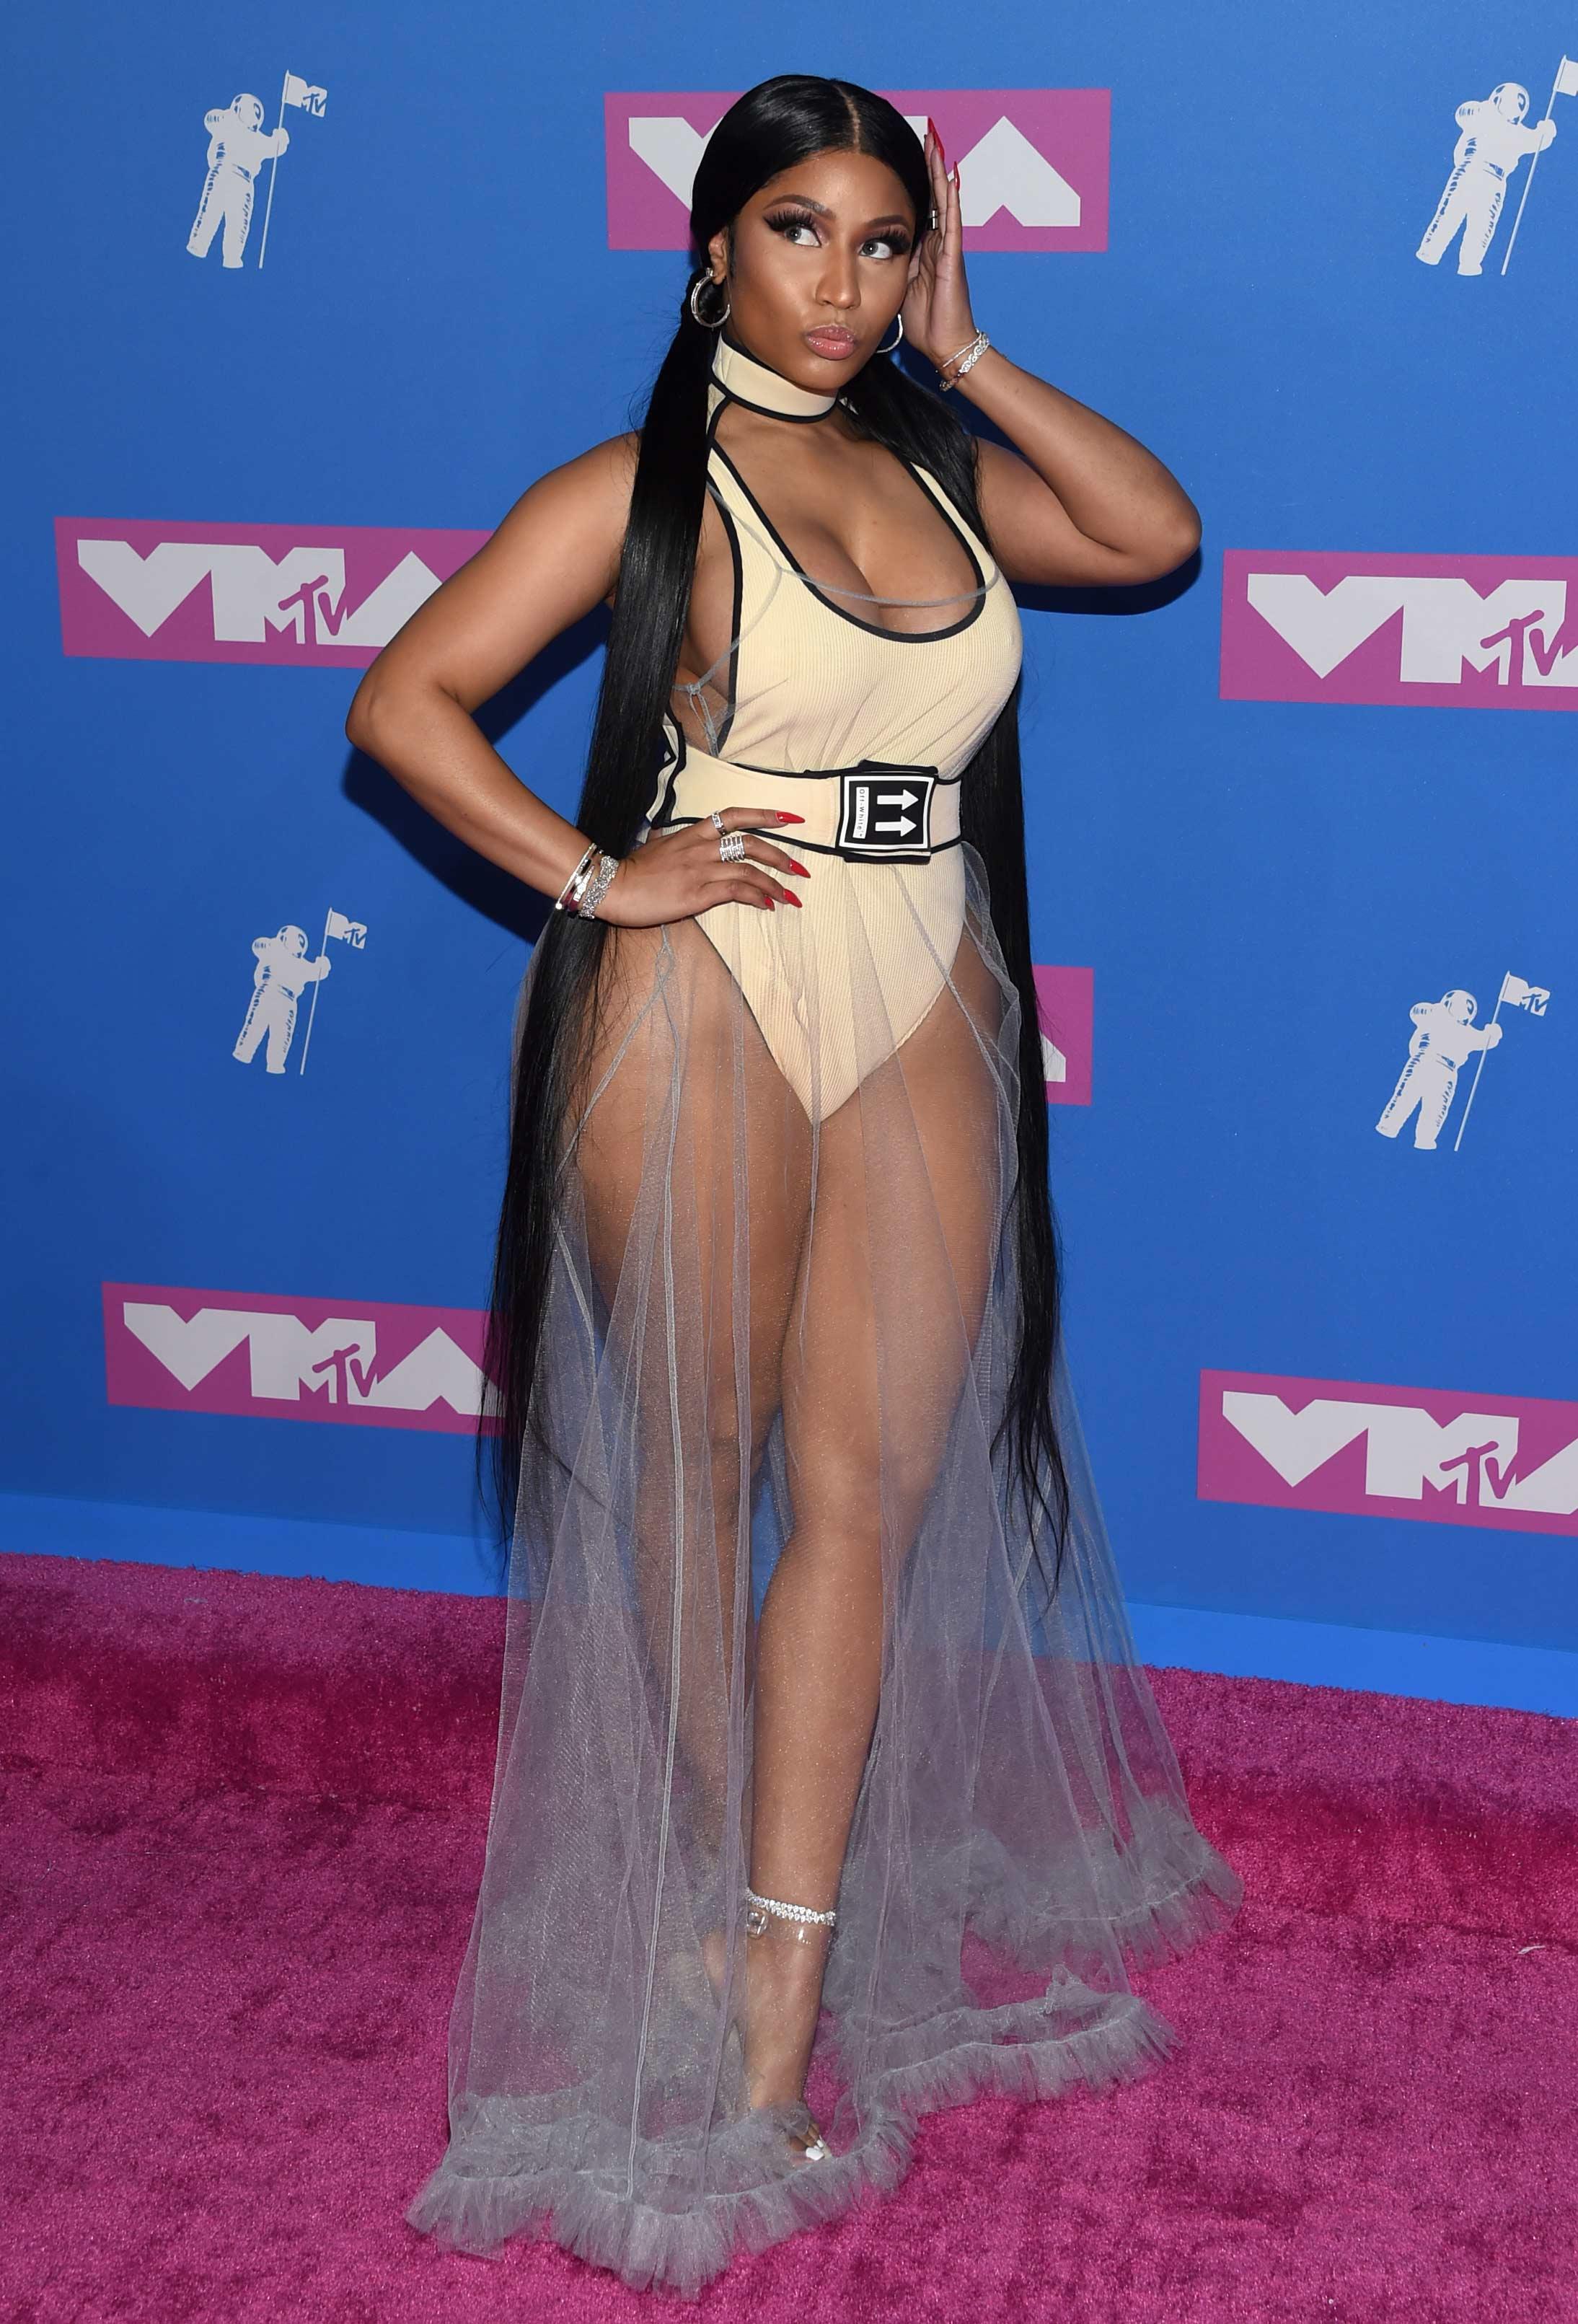 Nicky Minaj también estuvo presente en la gala. (Foto: AP)